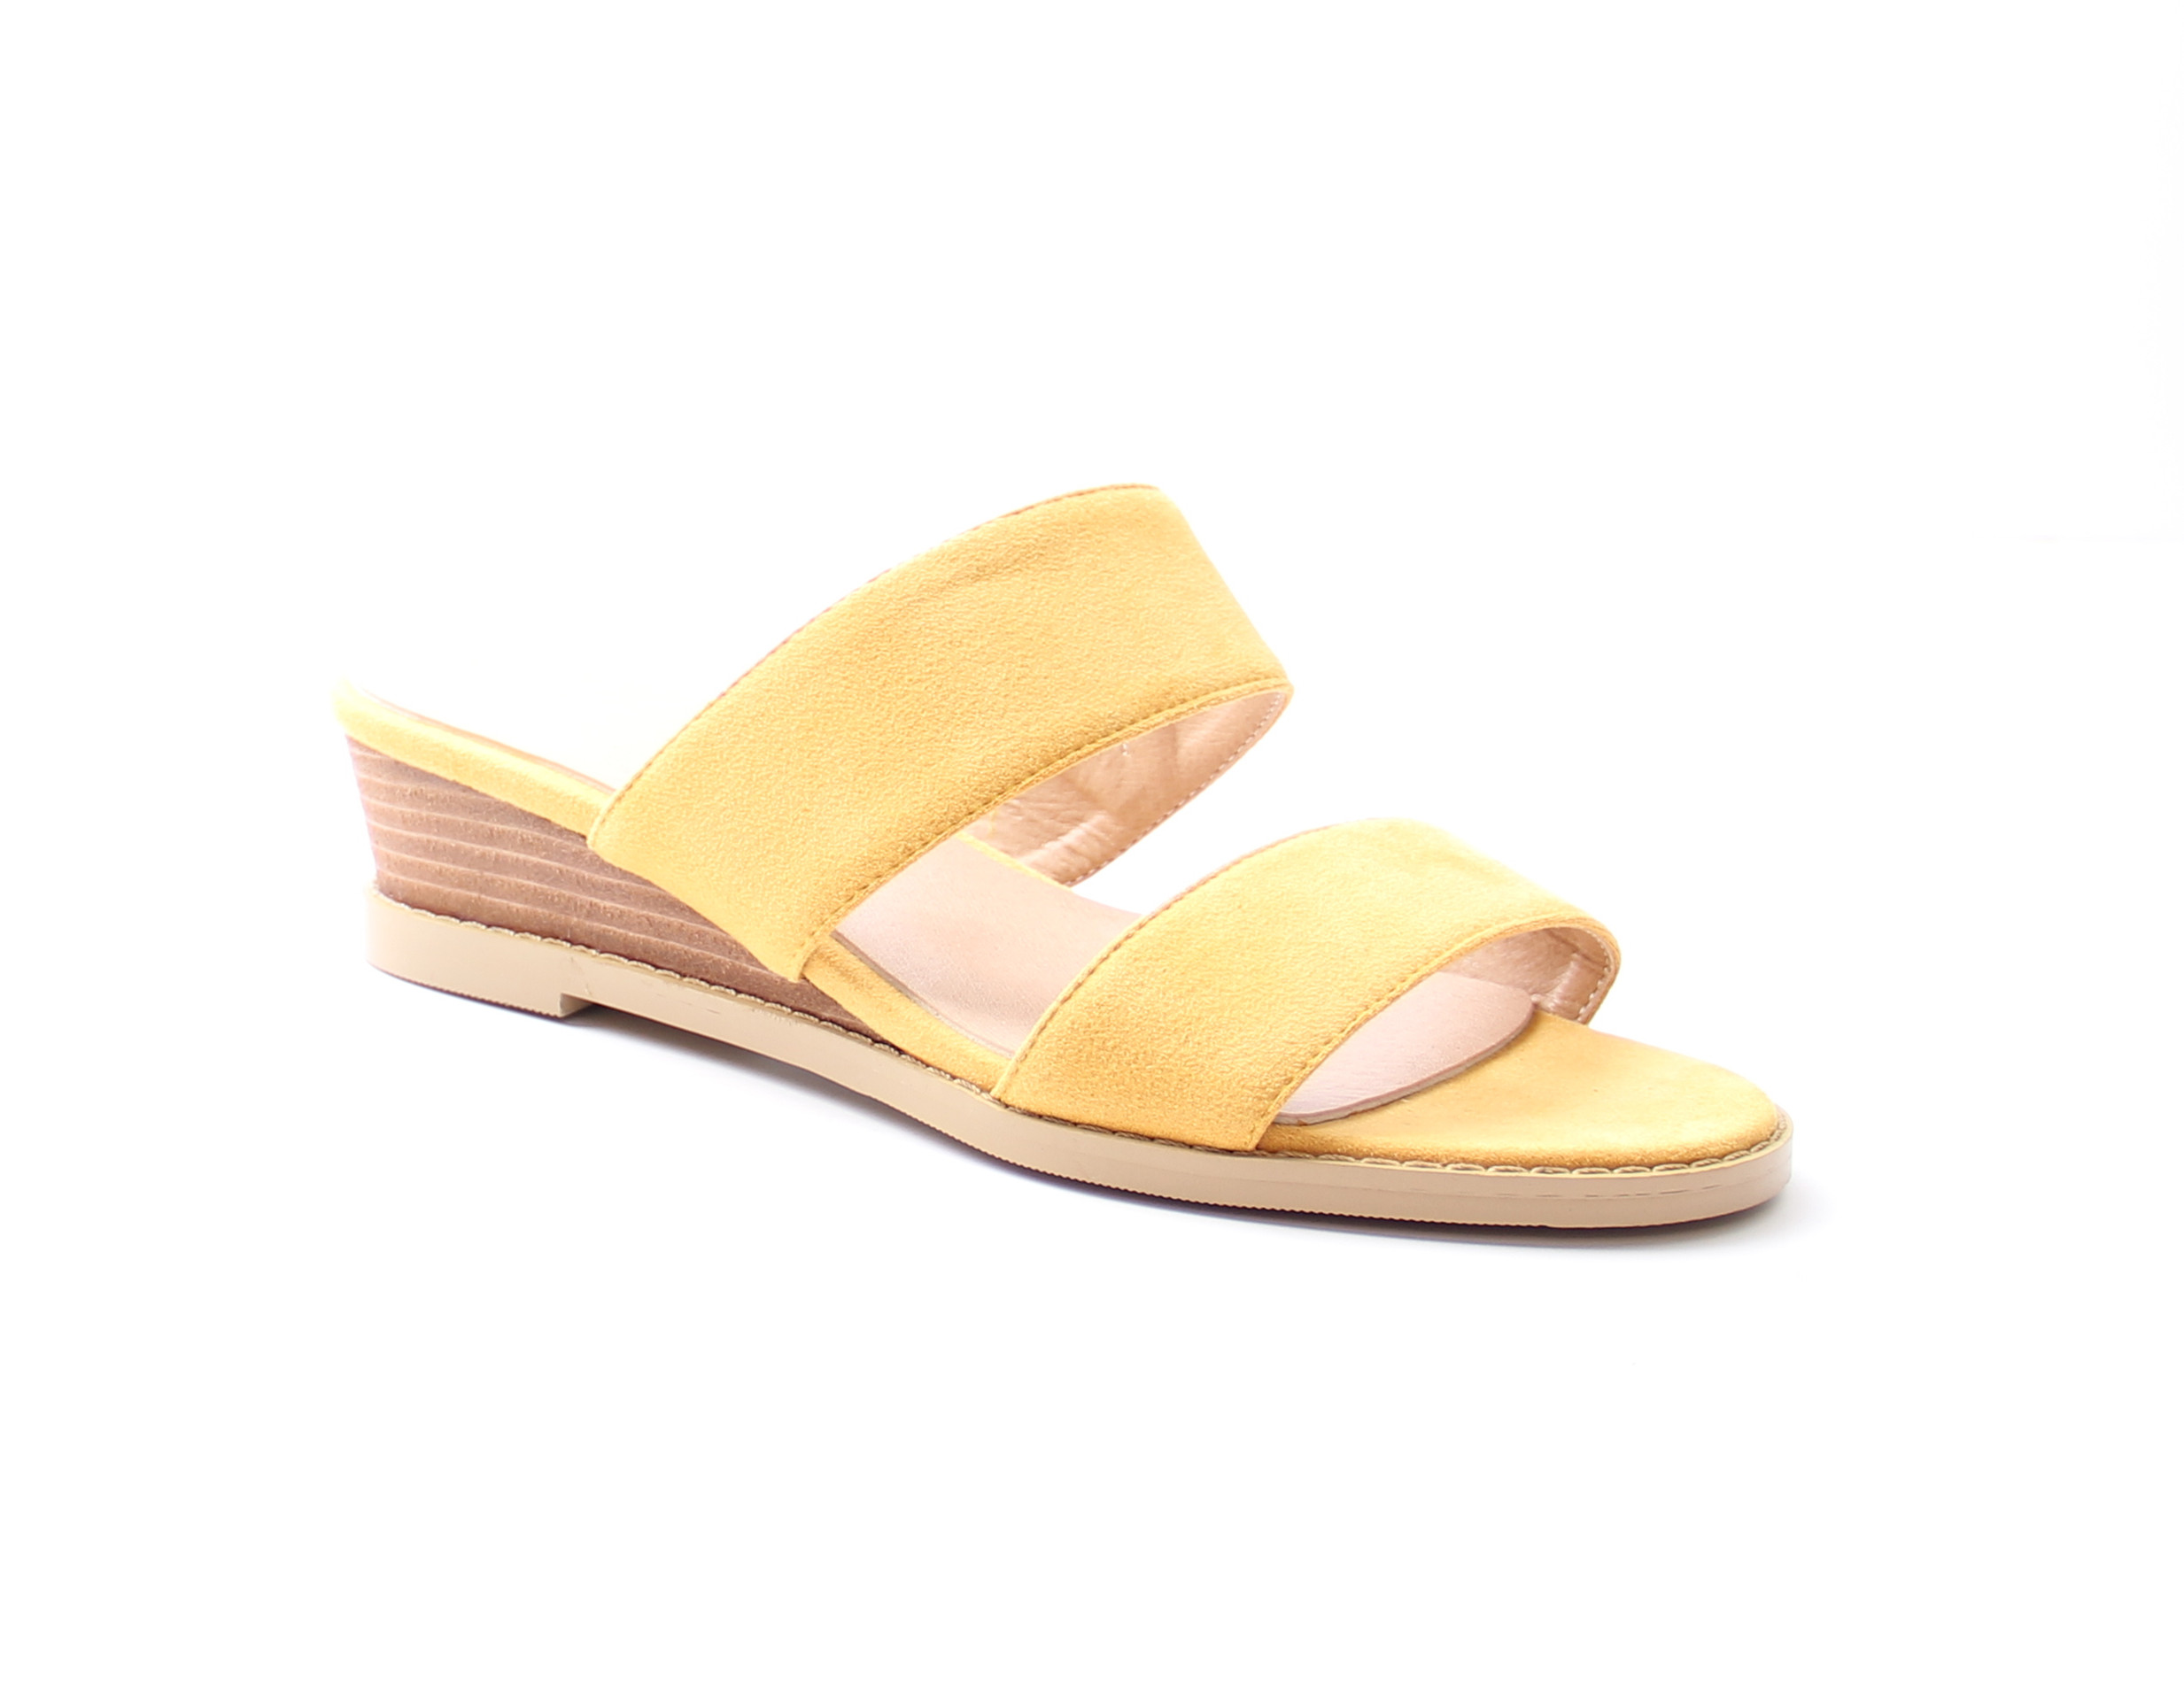 HX1237-C3576 yellow